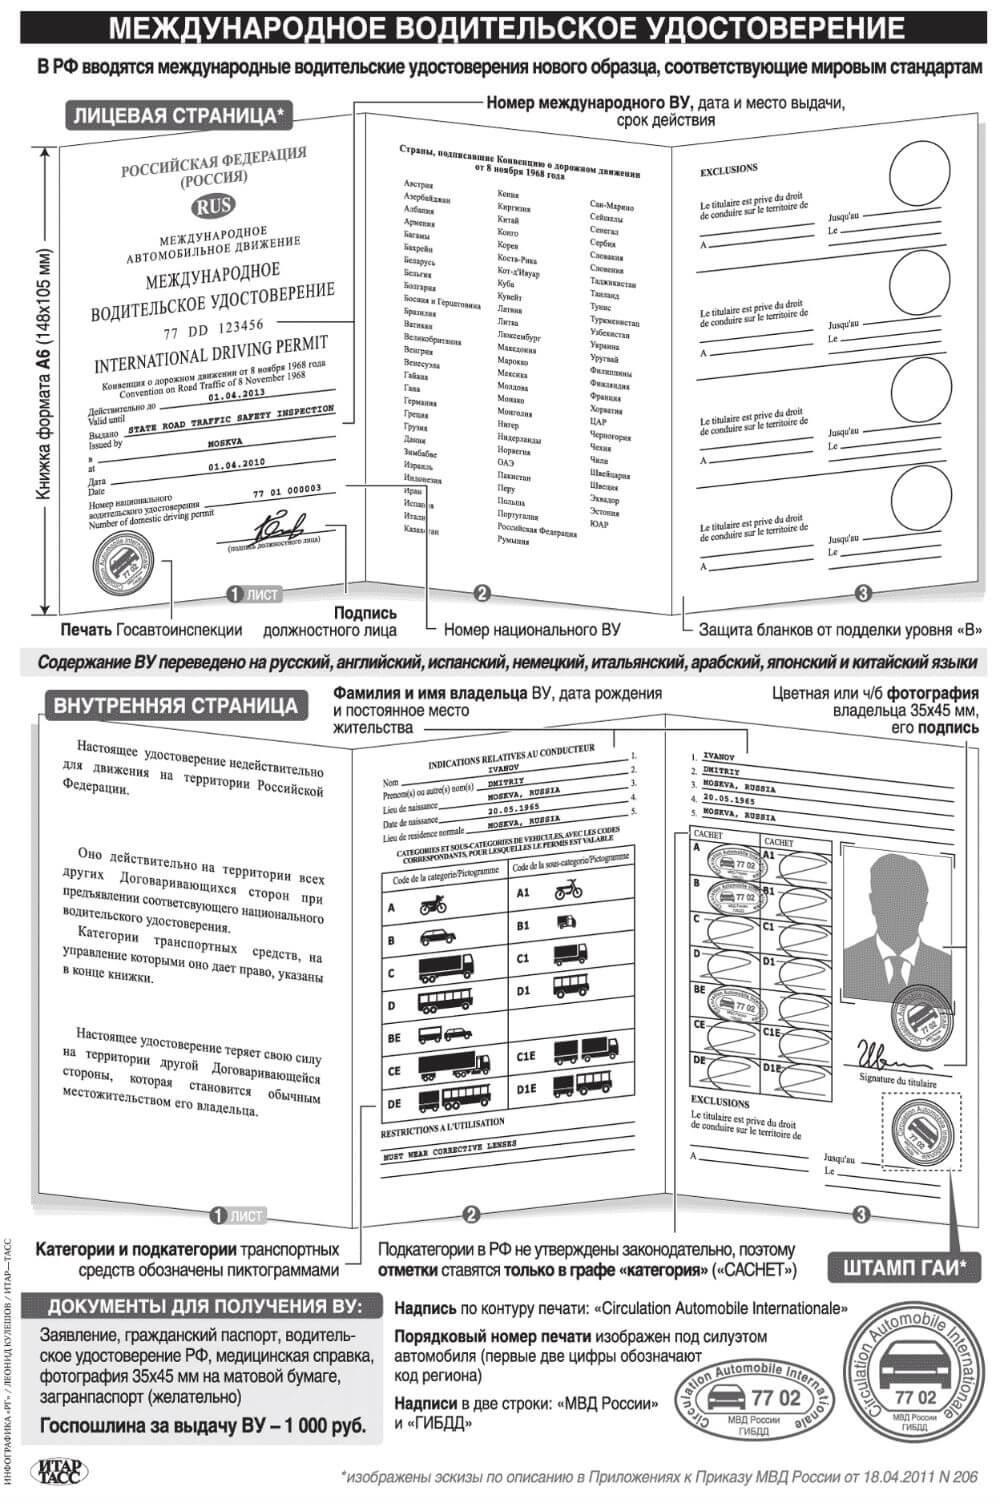 Образец Международных водительских удостоверений